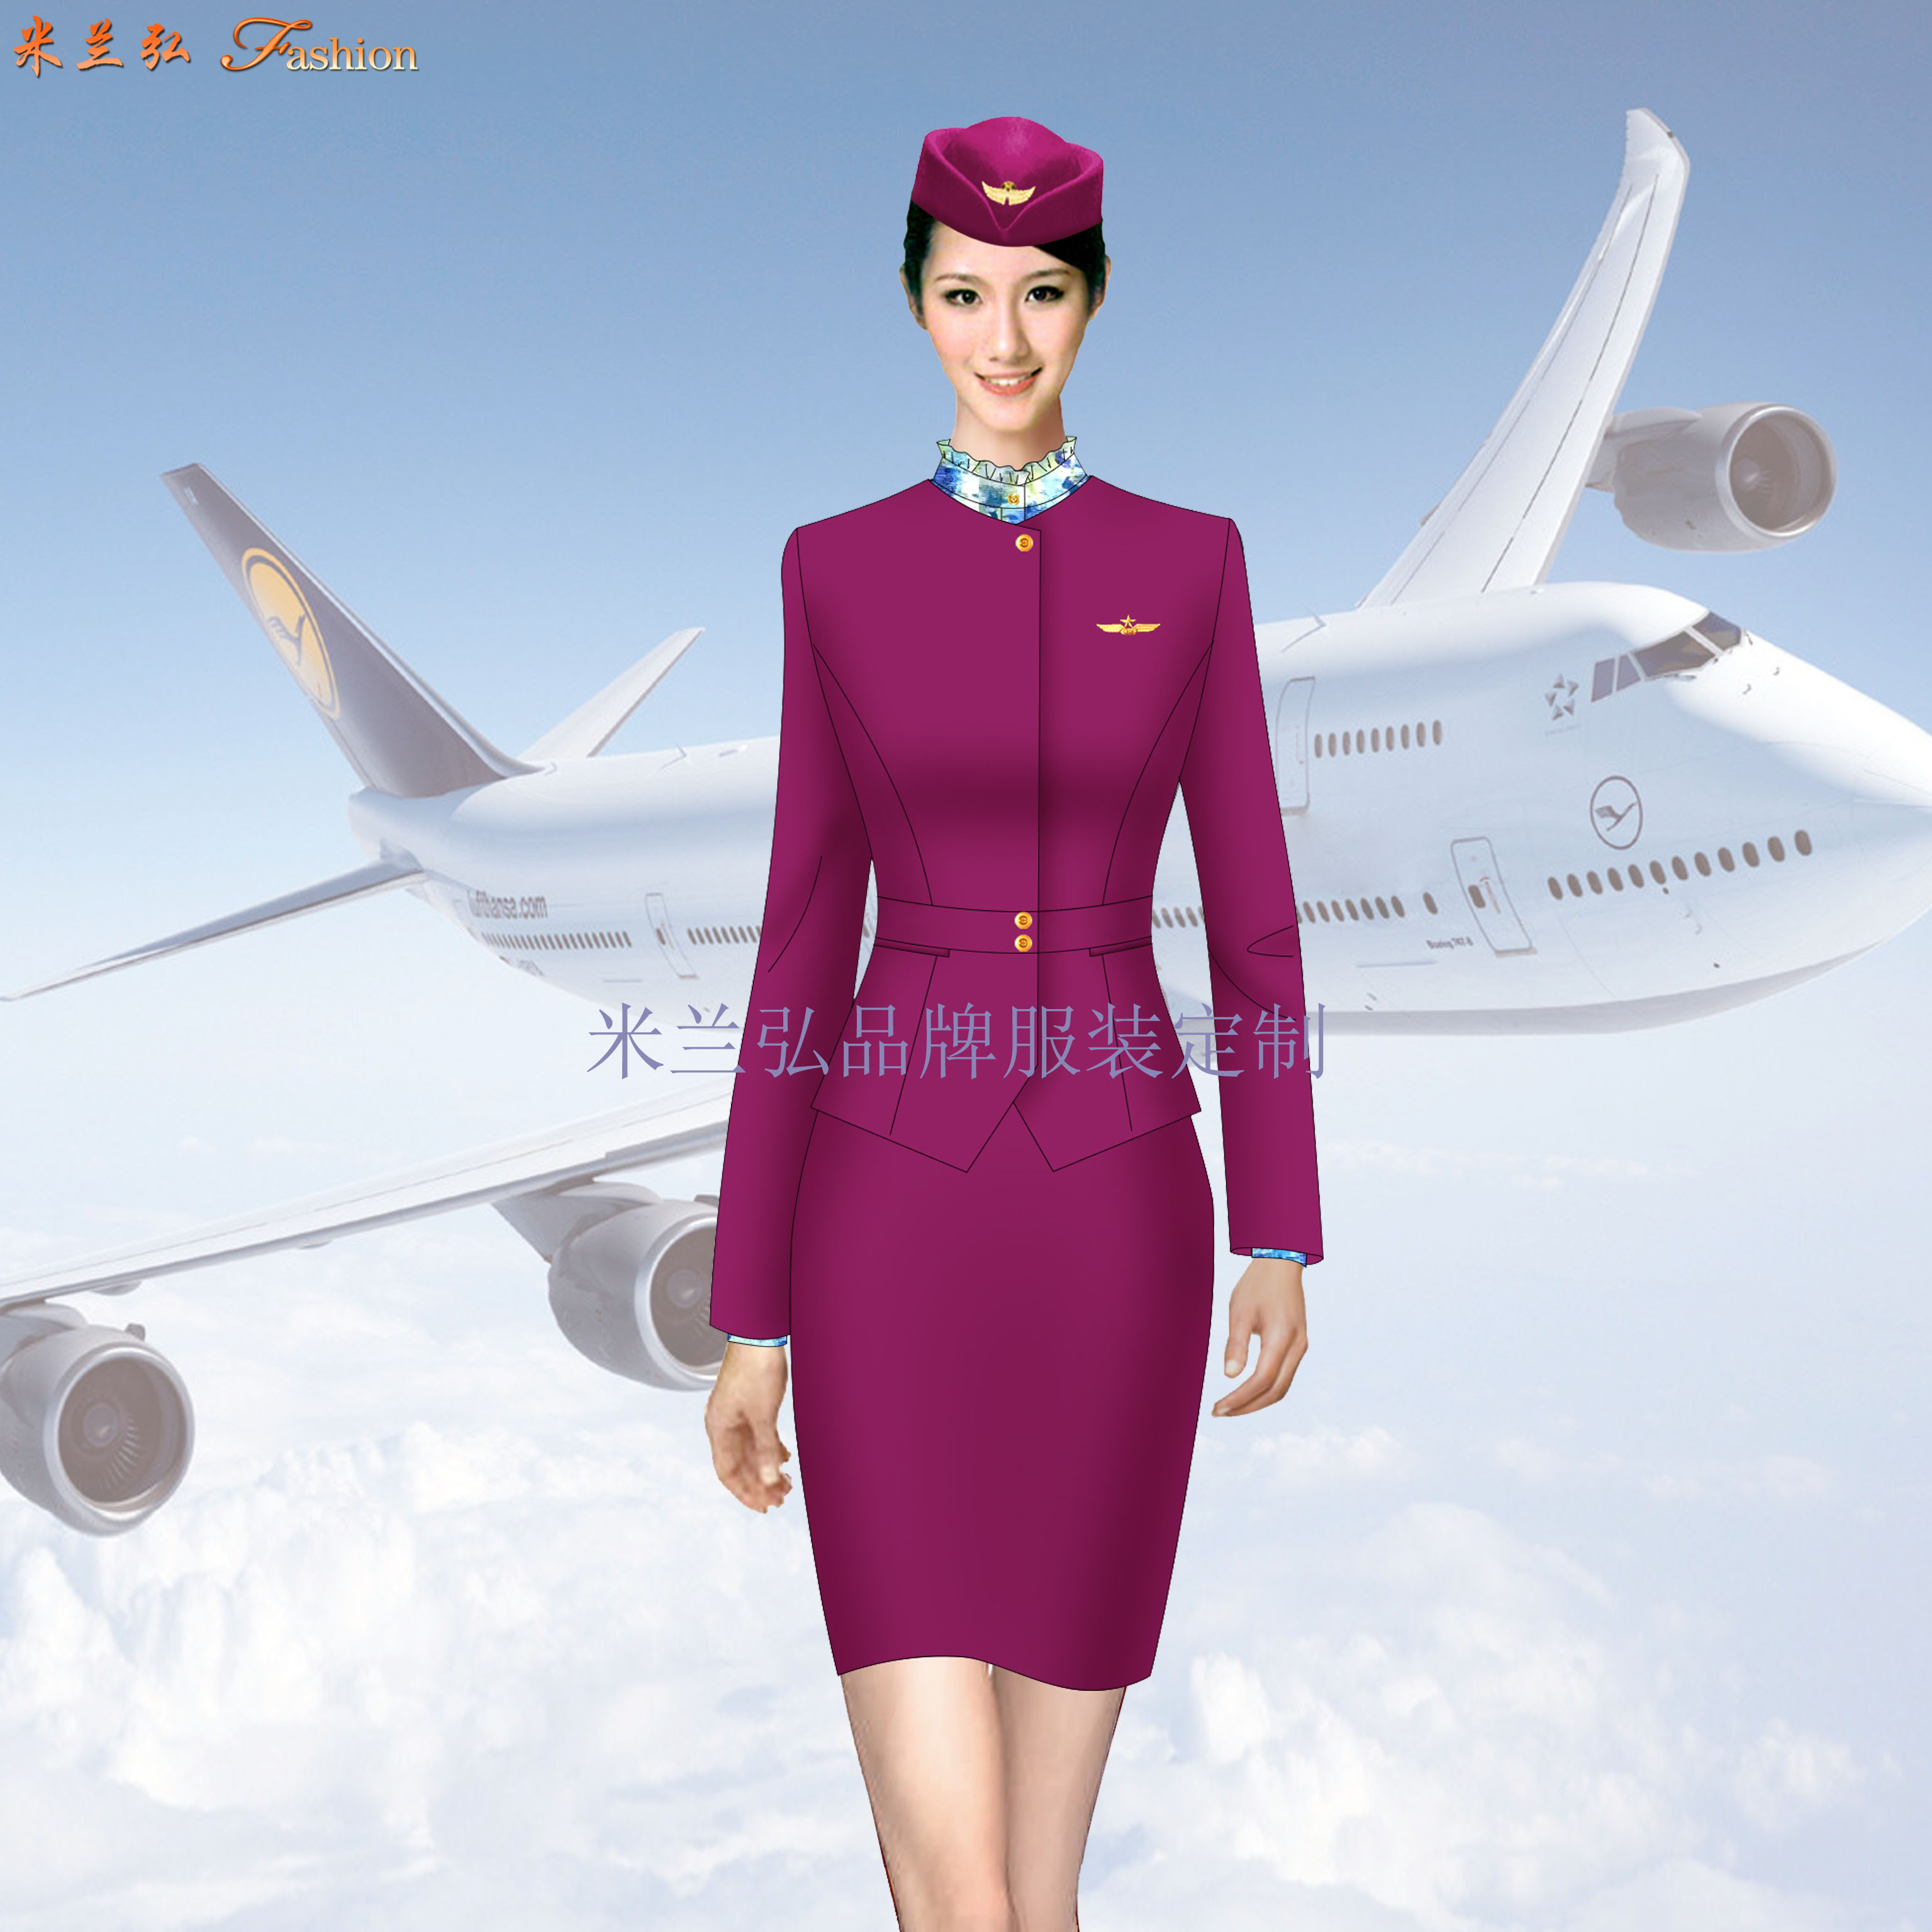 空姐職業裝定做圖片_空乘時裝套裝訂制-米蘭弘服裝廠家-4